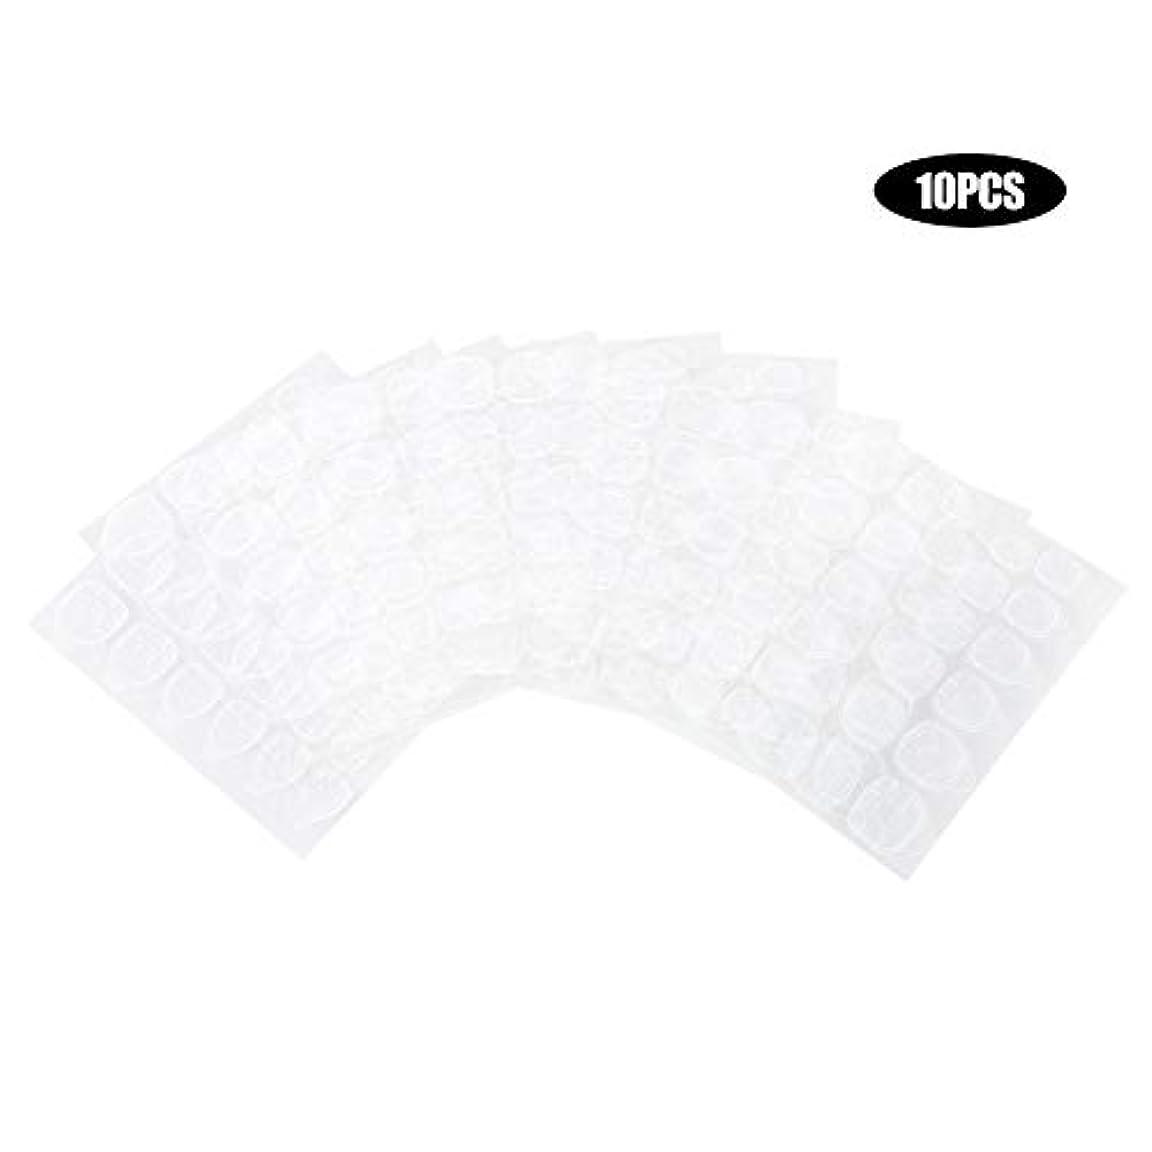 ネイルステッカー両面接着テープ 透明 10枚 落下しにくい 強い粘性 耐久性 通気性 軽量性 無毒 無臭 健康 自宅 サロン